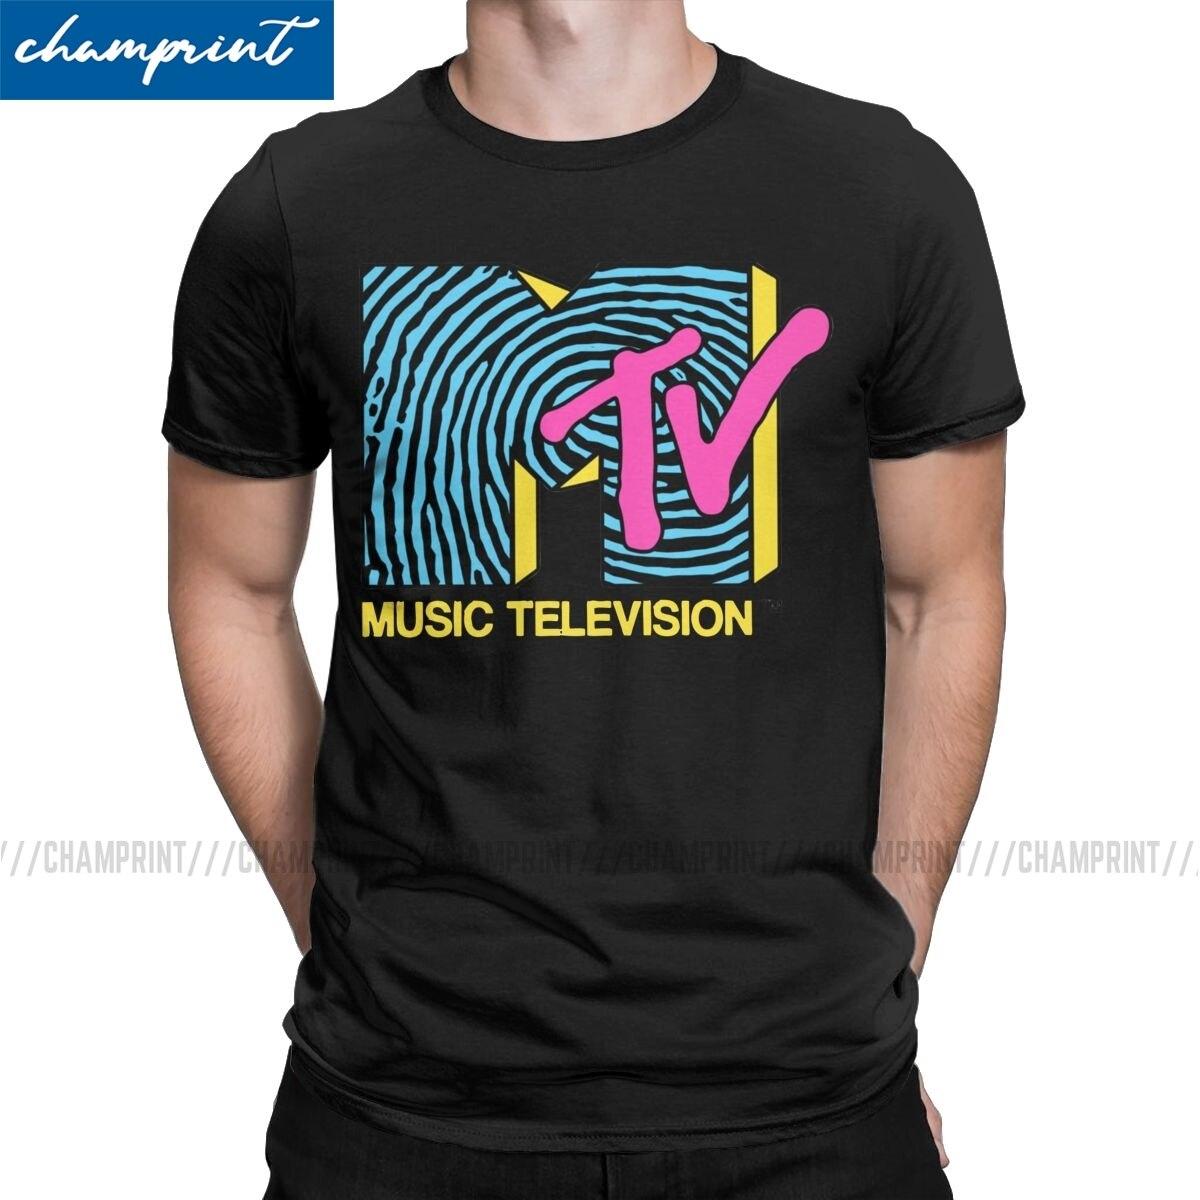 Camiseta de diseño de los 80s de Mtv Fingerprint para hombre Beavis y buthead, camisetas clásicas BB con dibujos musicales divertidos, Camiseta con cuello redondo de talla grande